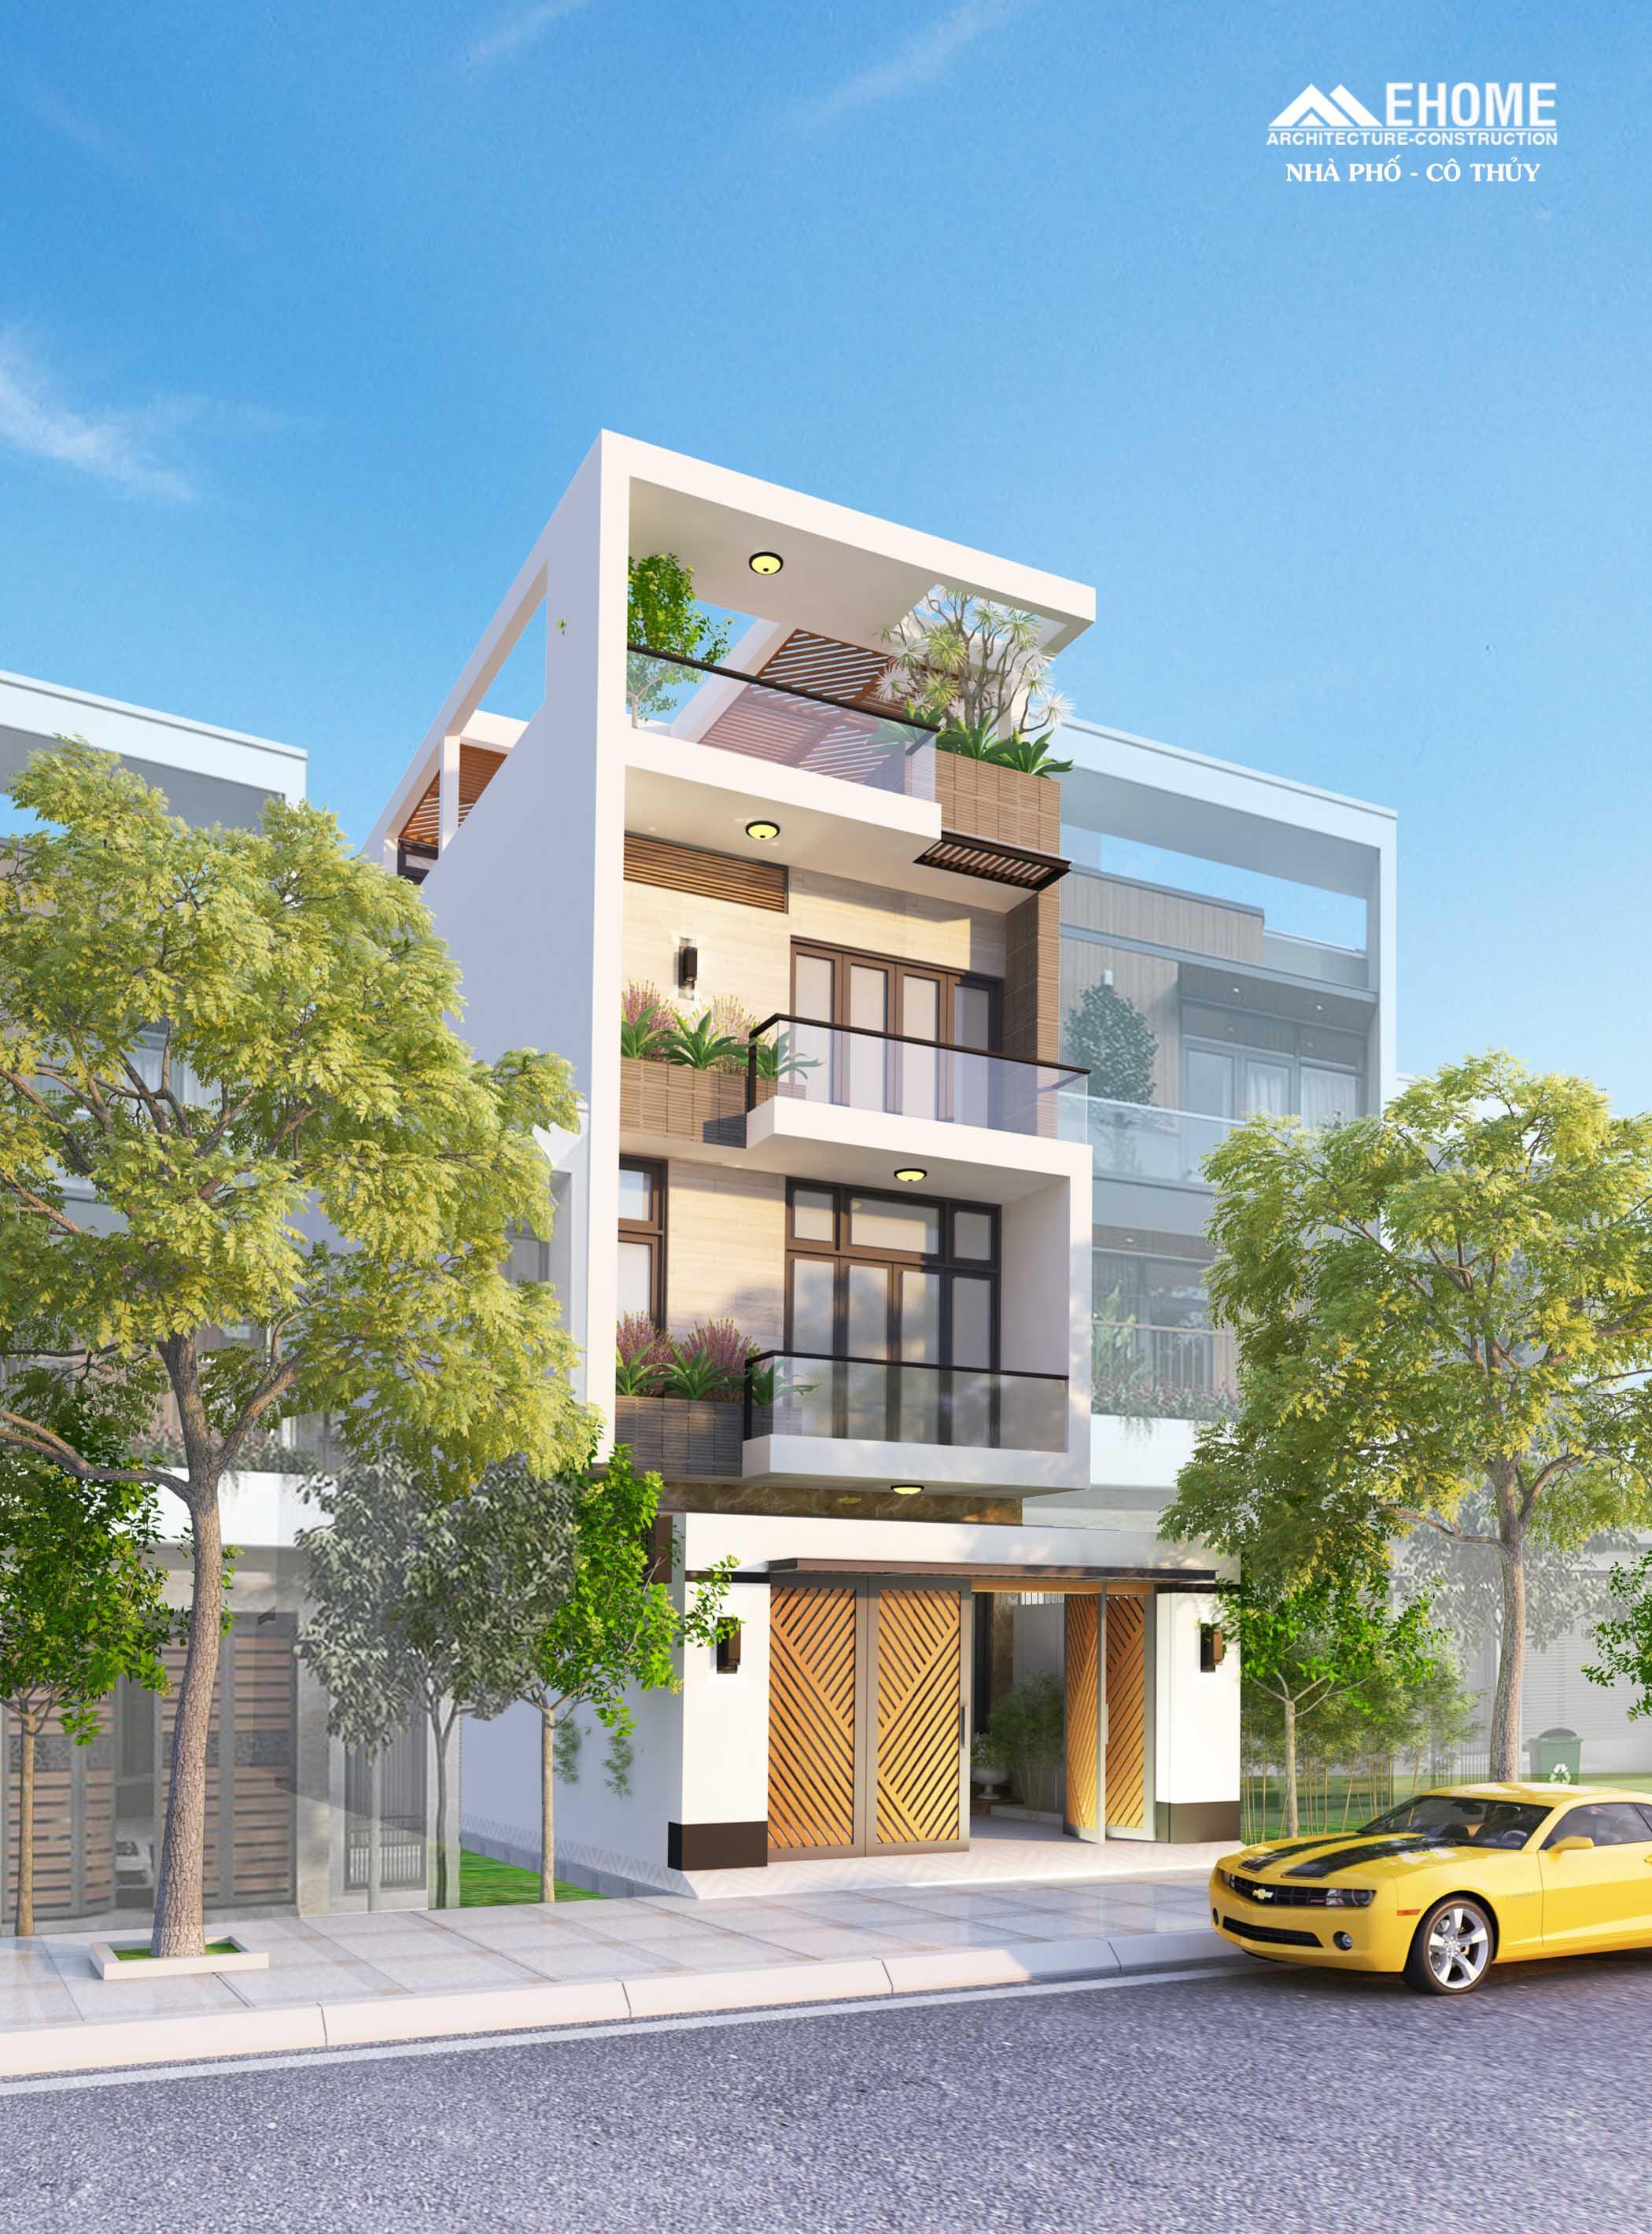 Thiết kế thi công nhà phố trọn gói từ A đến Z